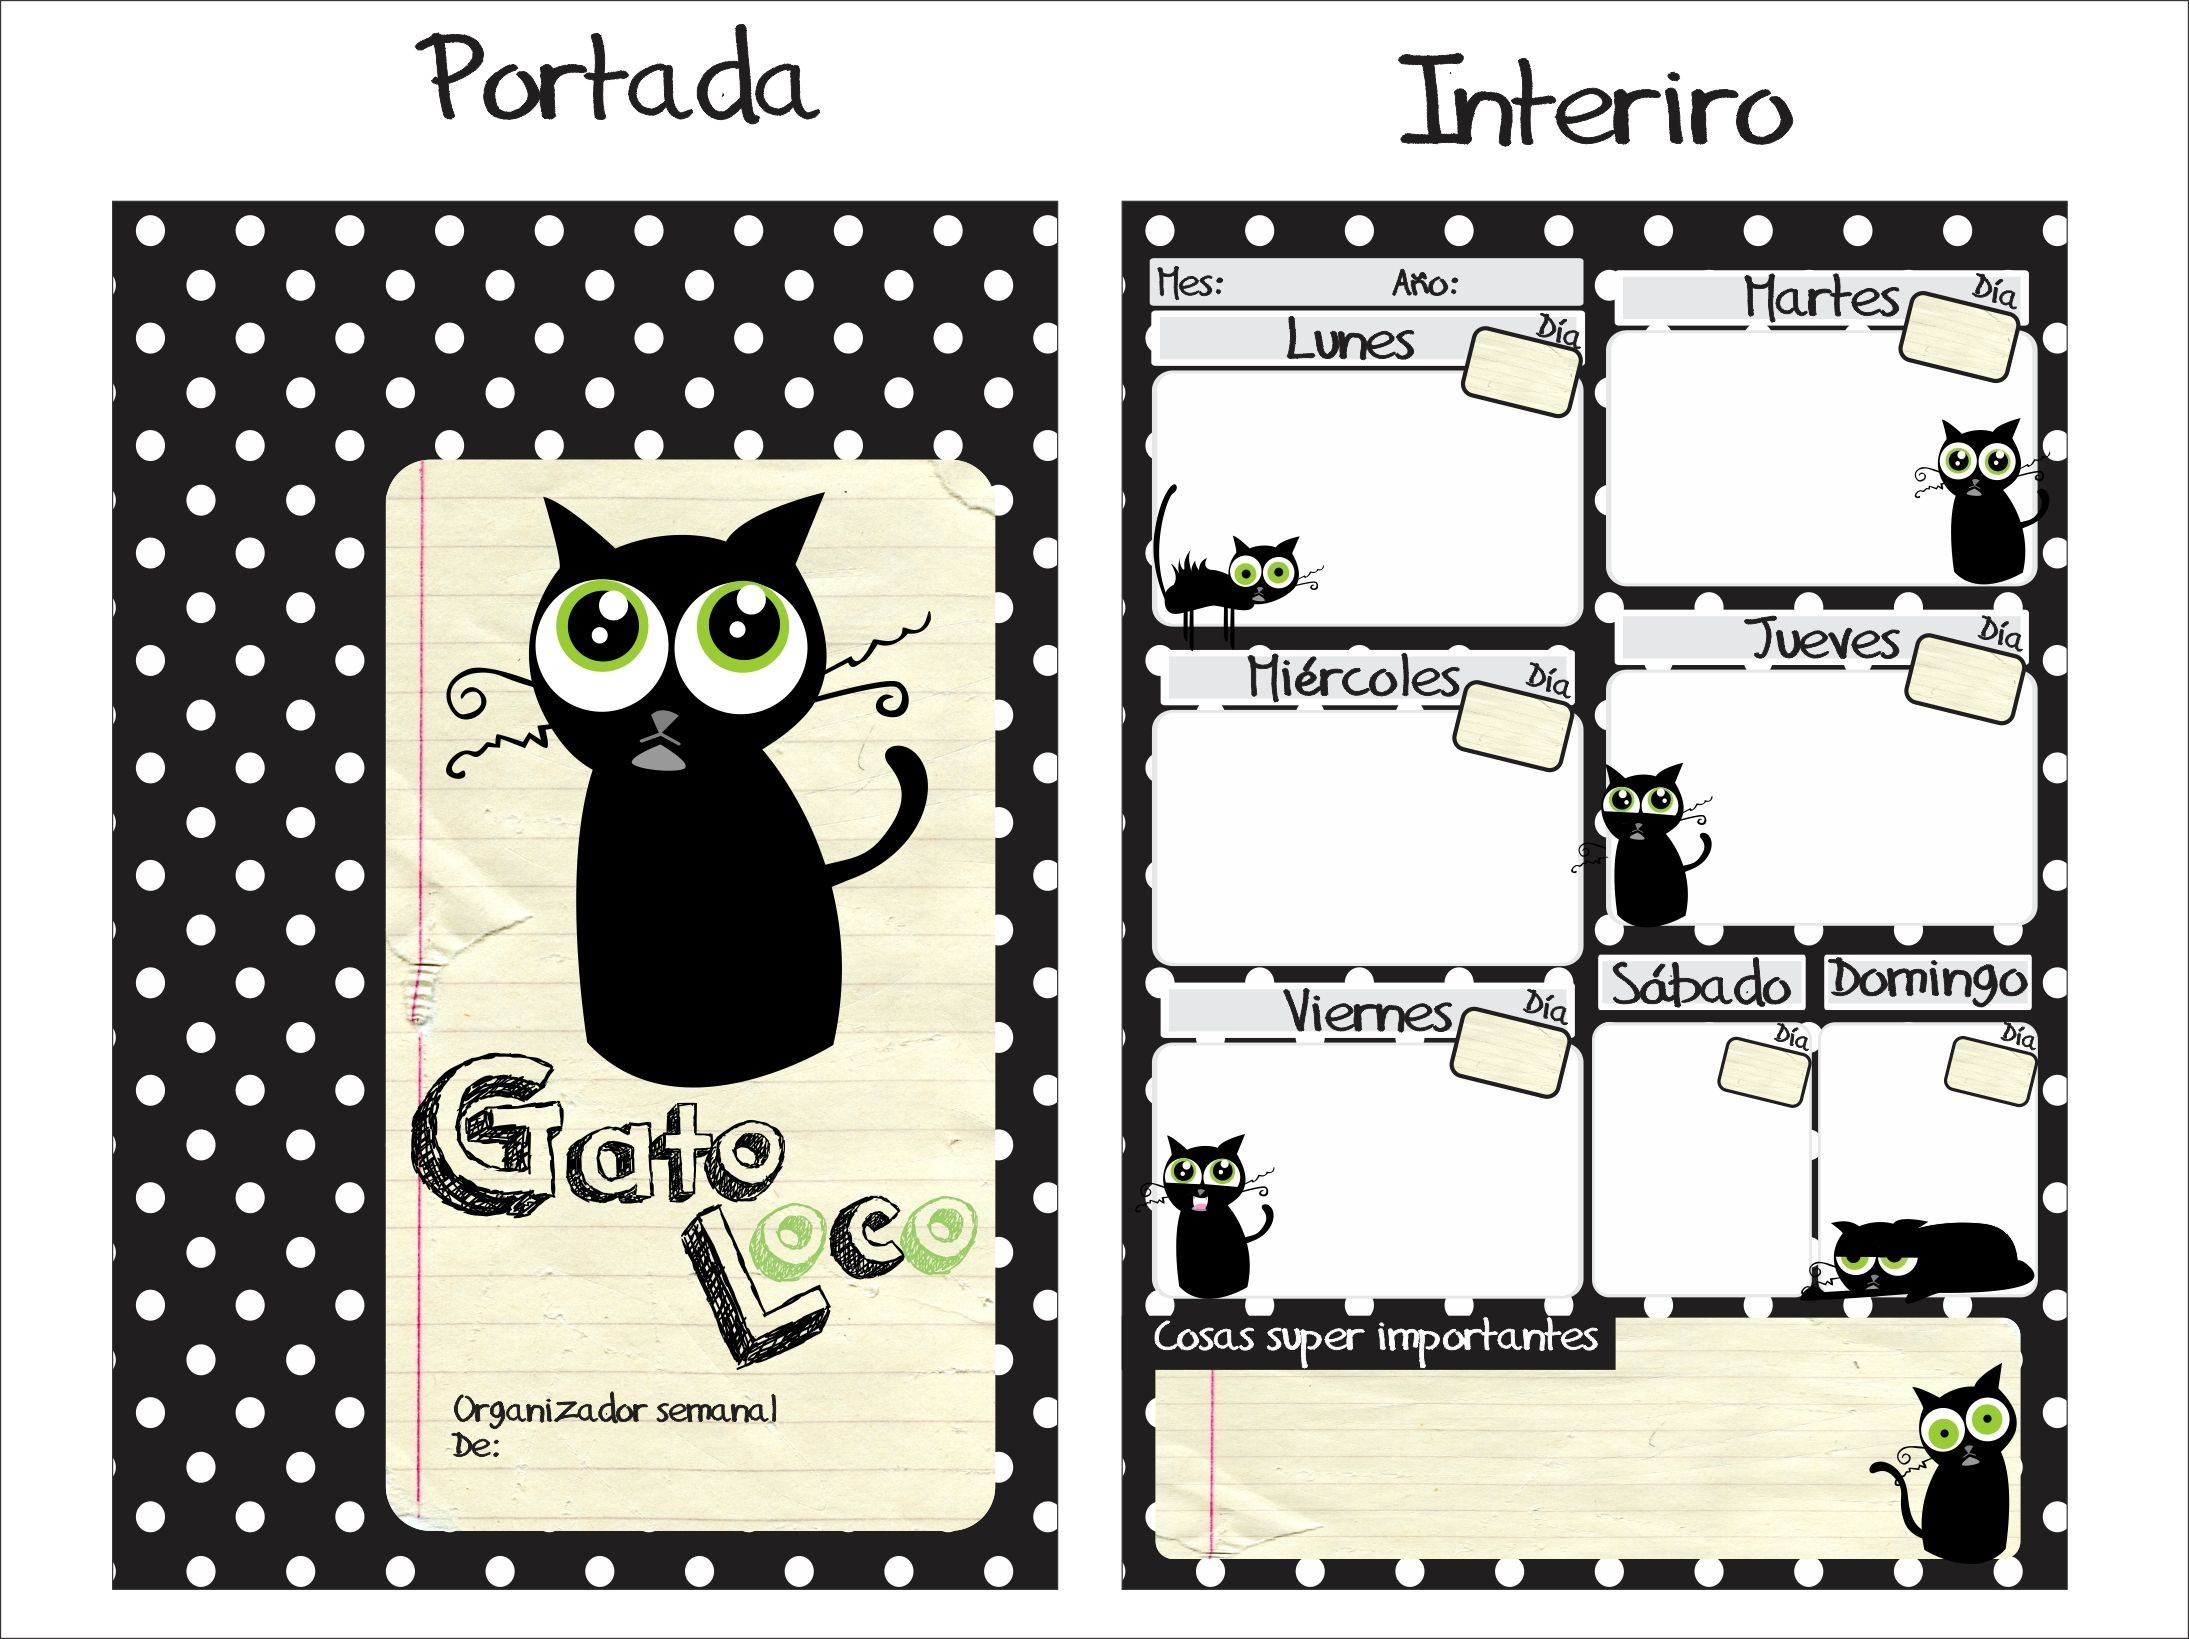 Calendario Semanal Para Imprimir Más Caliente organizador Semanal Gato Loco Imprimibles En Espa±ol